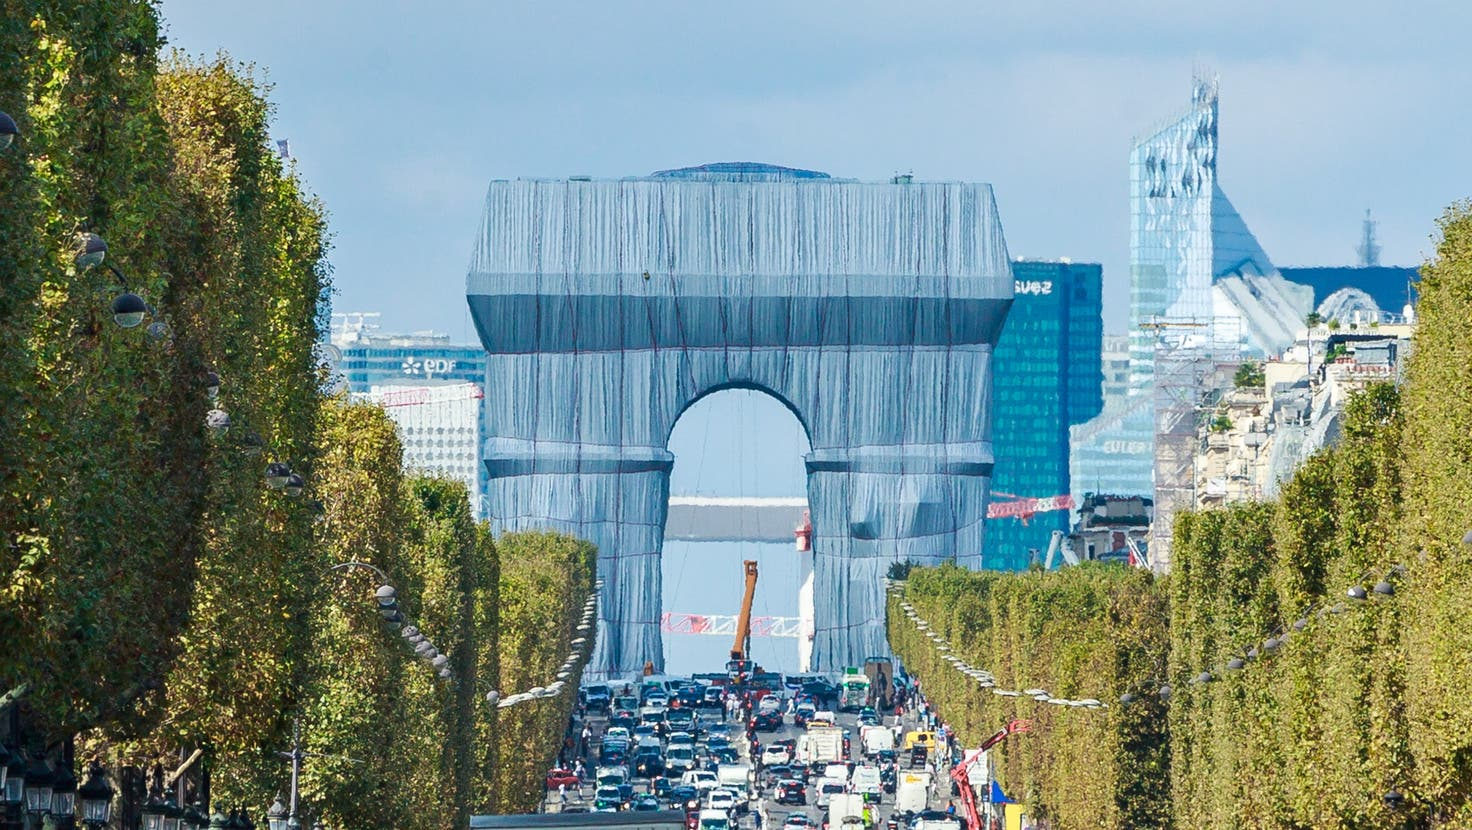 Das Kunstwerk steht kurz vor der Enthüllung. (Bild: Christophe Petit Tesson / EPA)